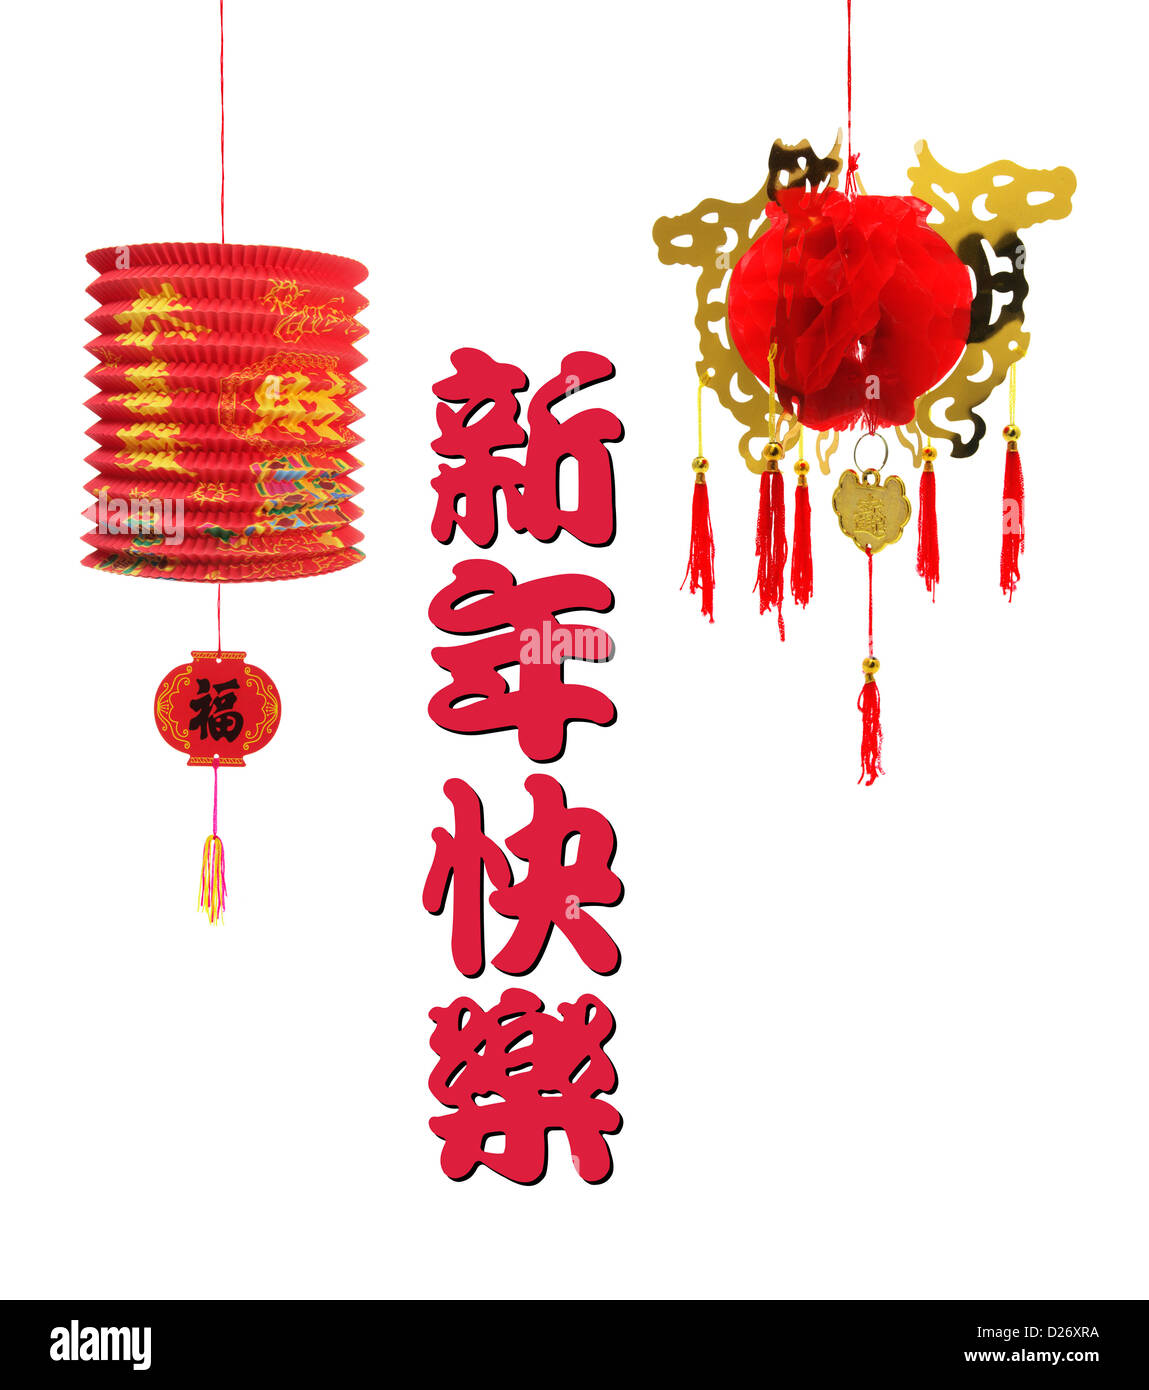 Chinesische Neujahrsgrüße und Laternen Stockfoto, Bild: 53013166 - Alamy